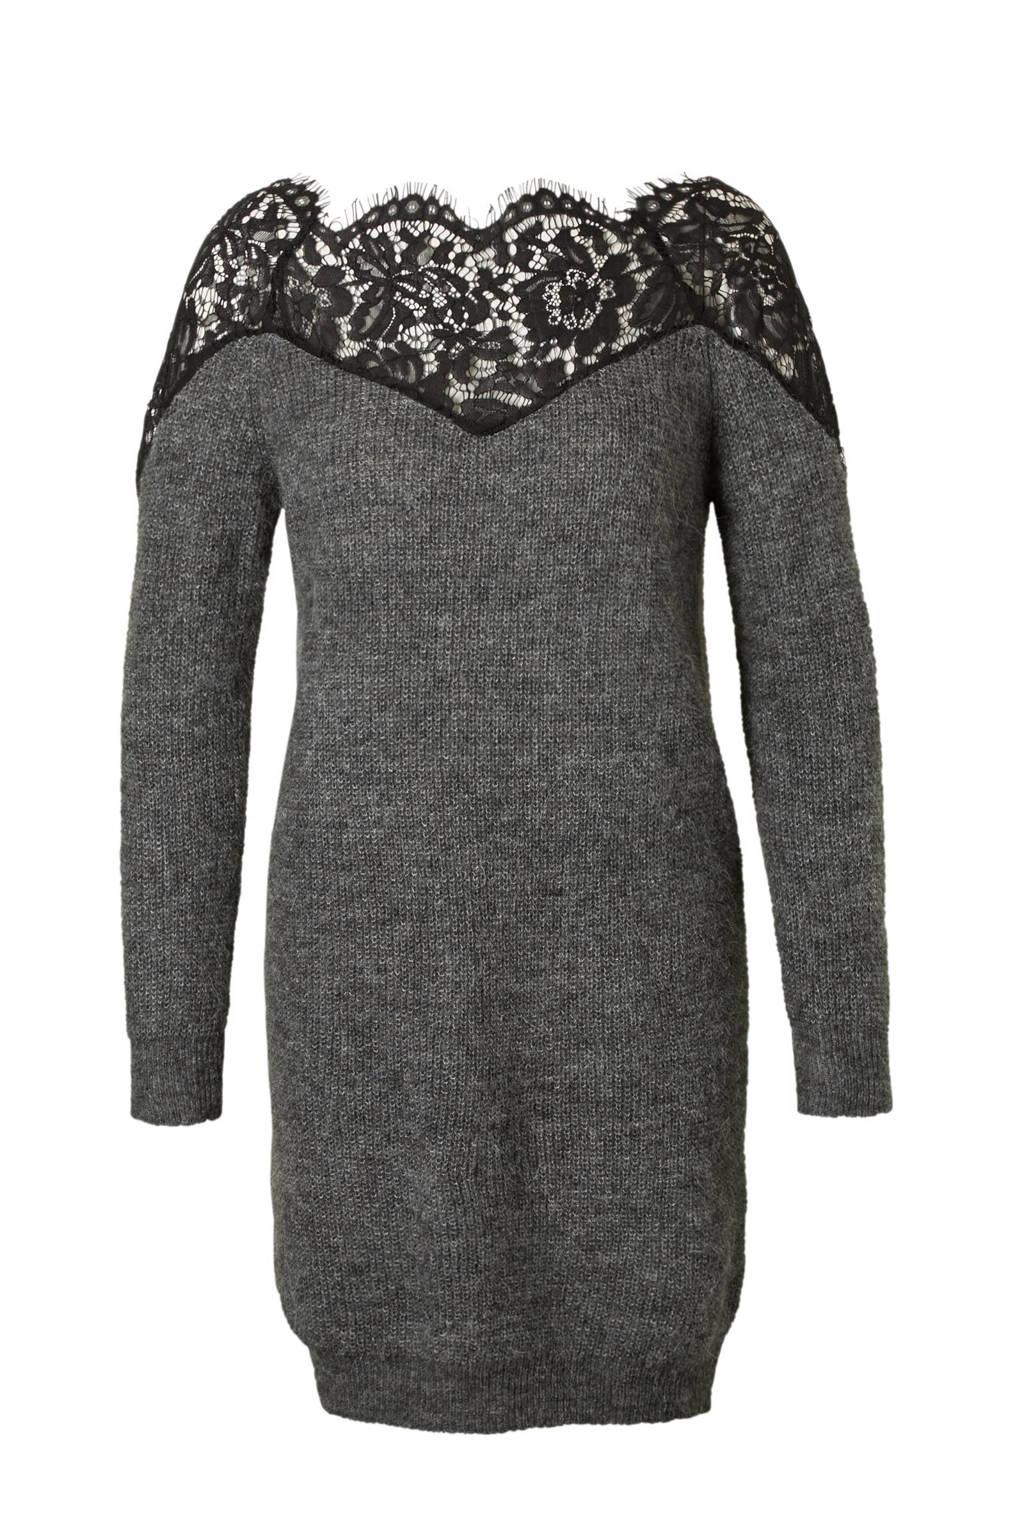 ONLY gebreide jurk met kanten details, Grijs/zwart